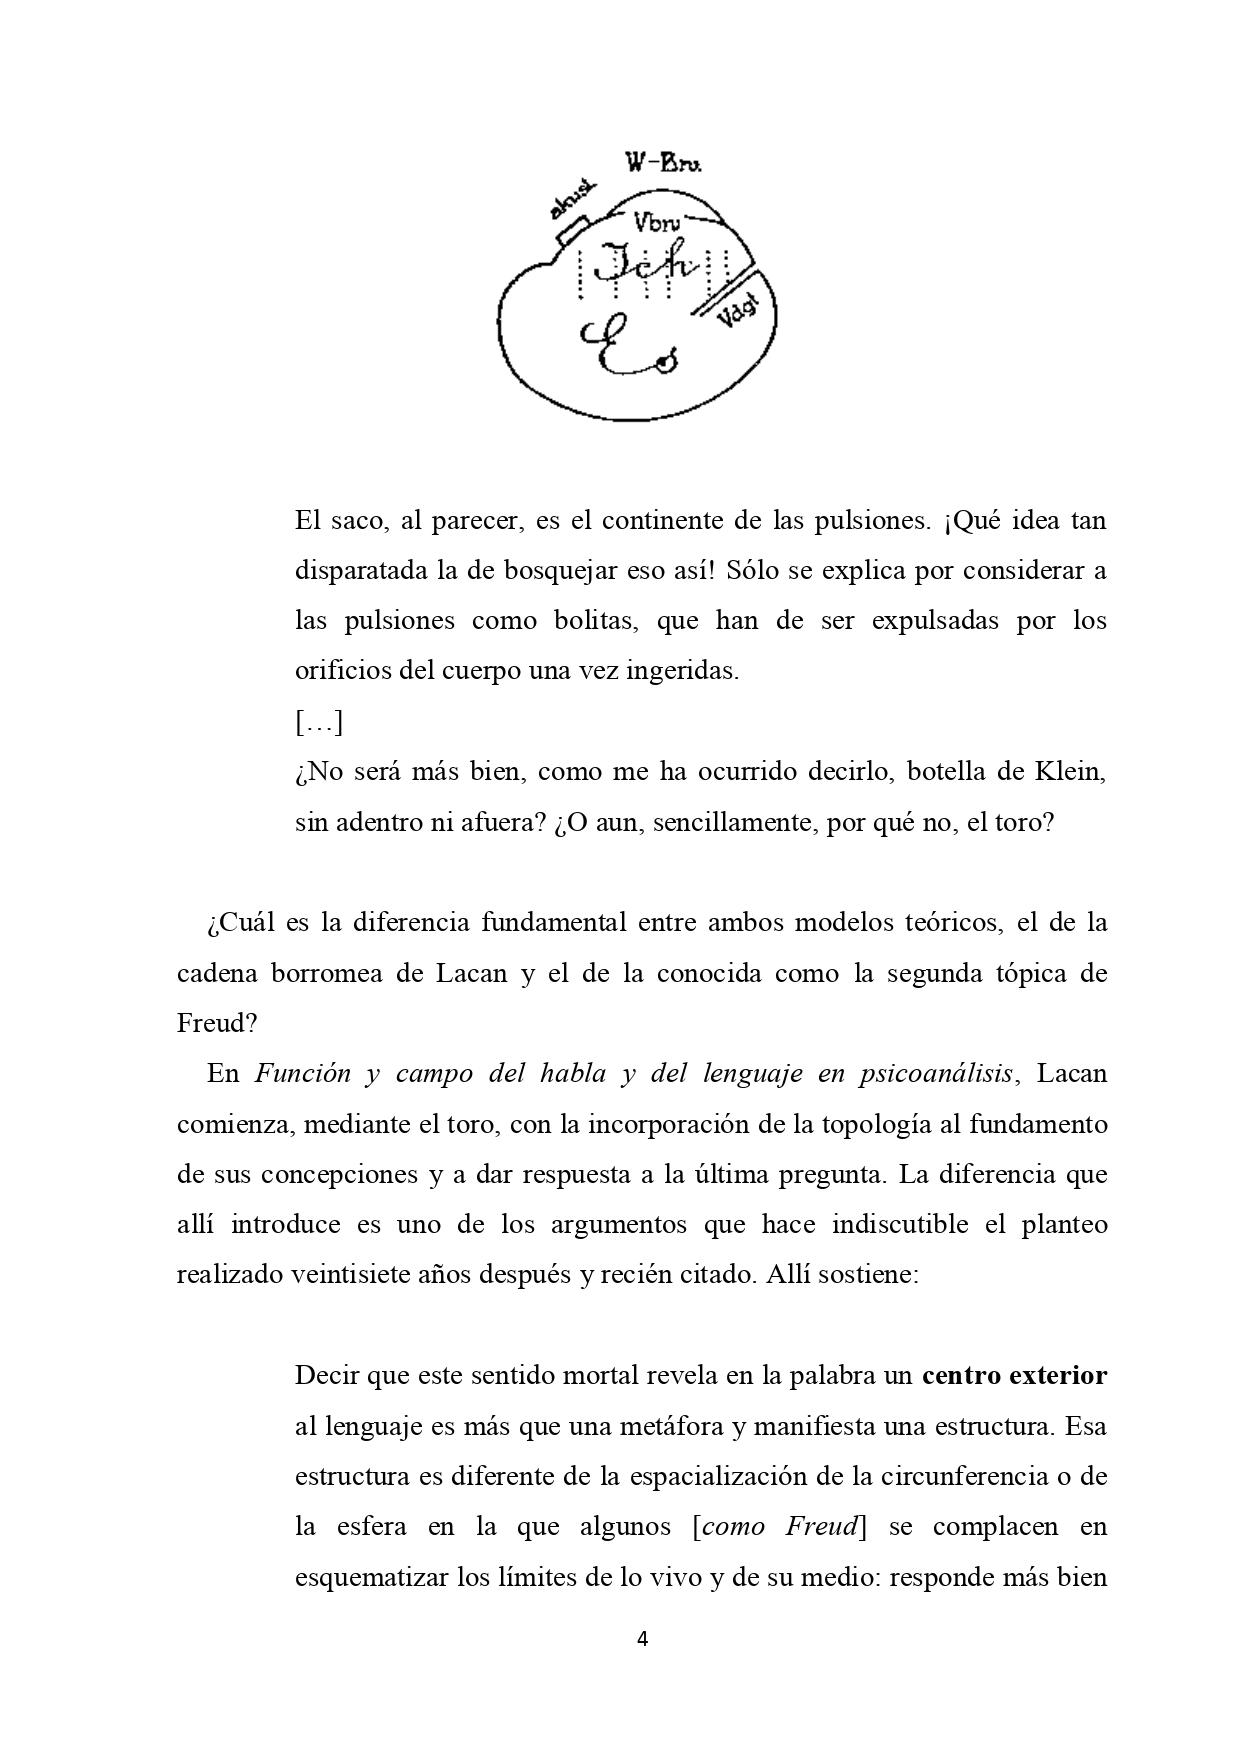 101_La topología de Lacan APOLa 16-4-2020 B (1)_page-0004